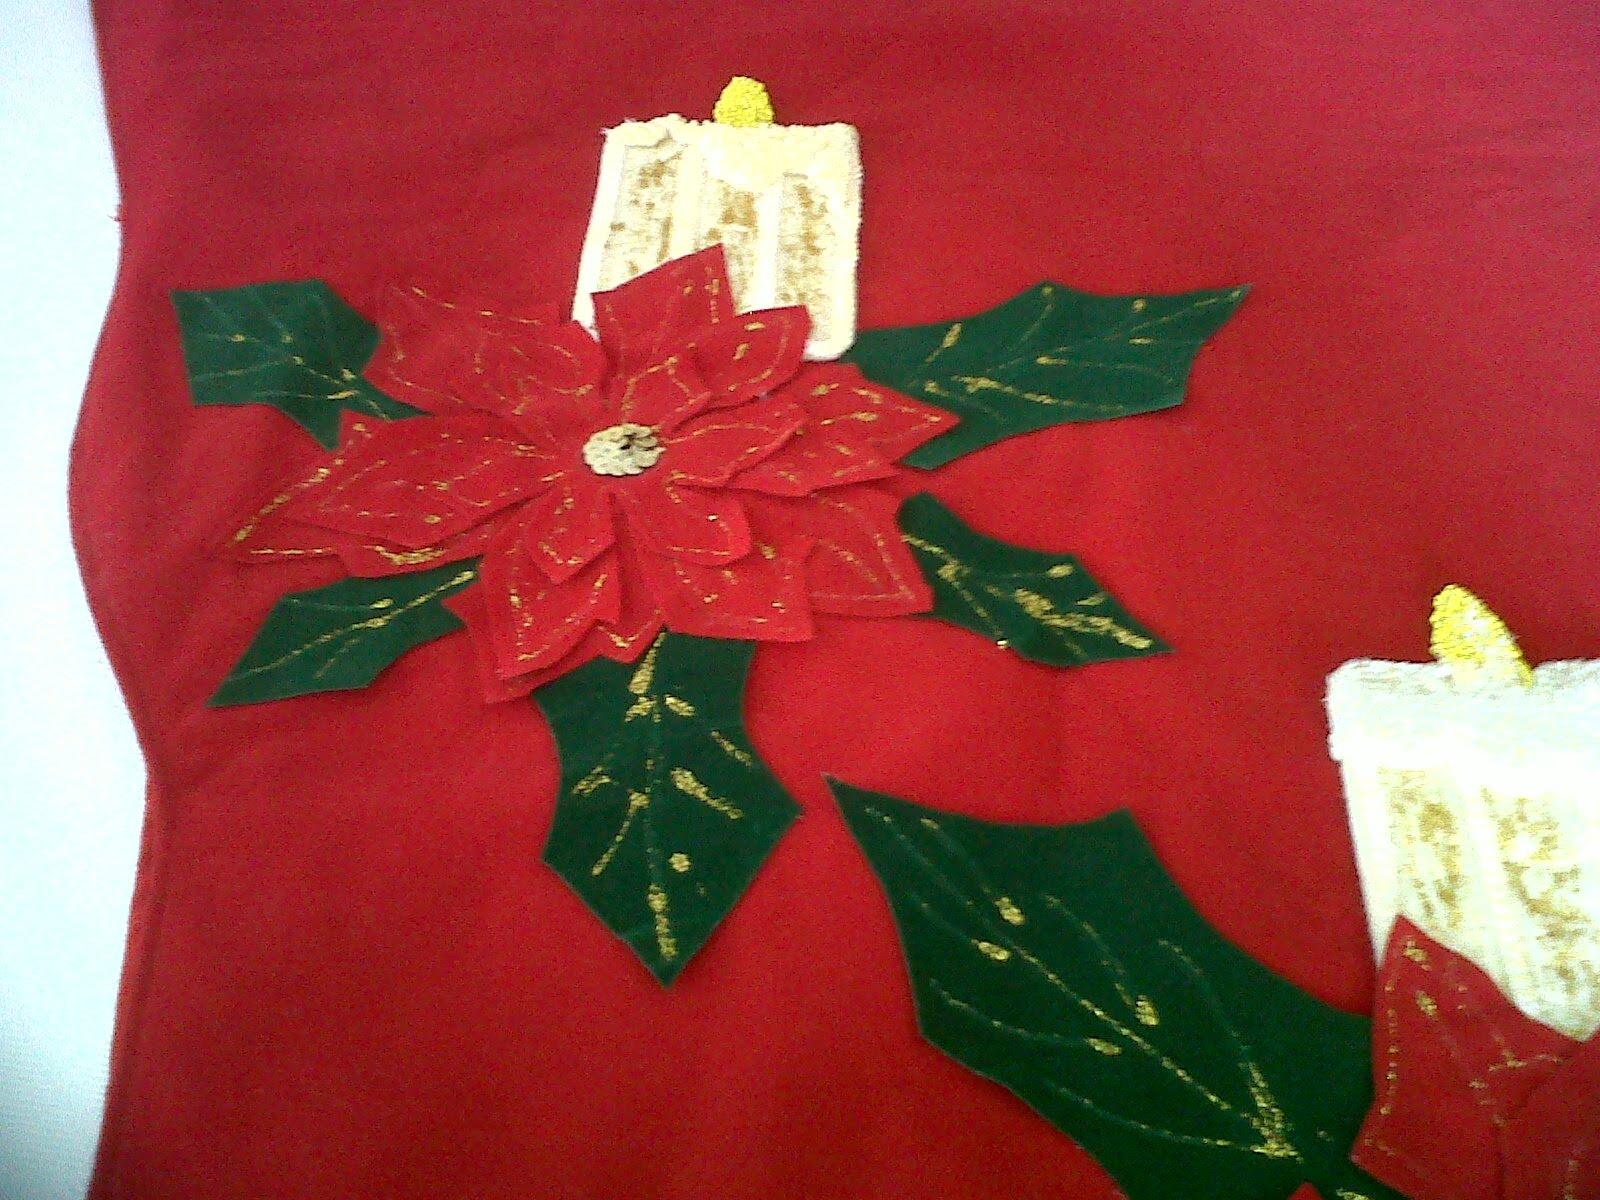 Adornos navide os camino de mesa navide o for Adornos navidenos para mesa